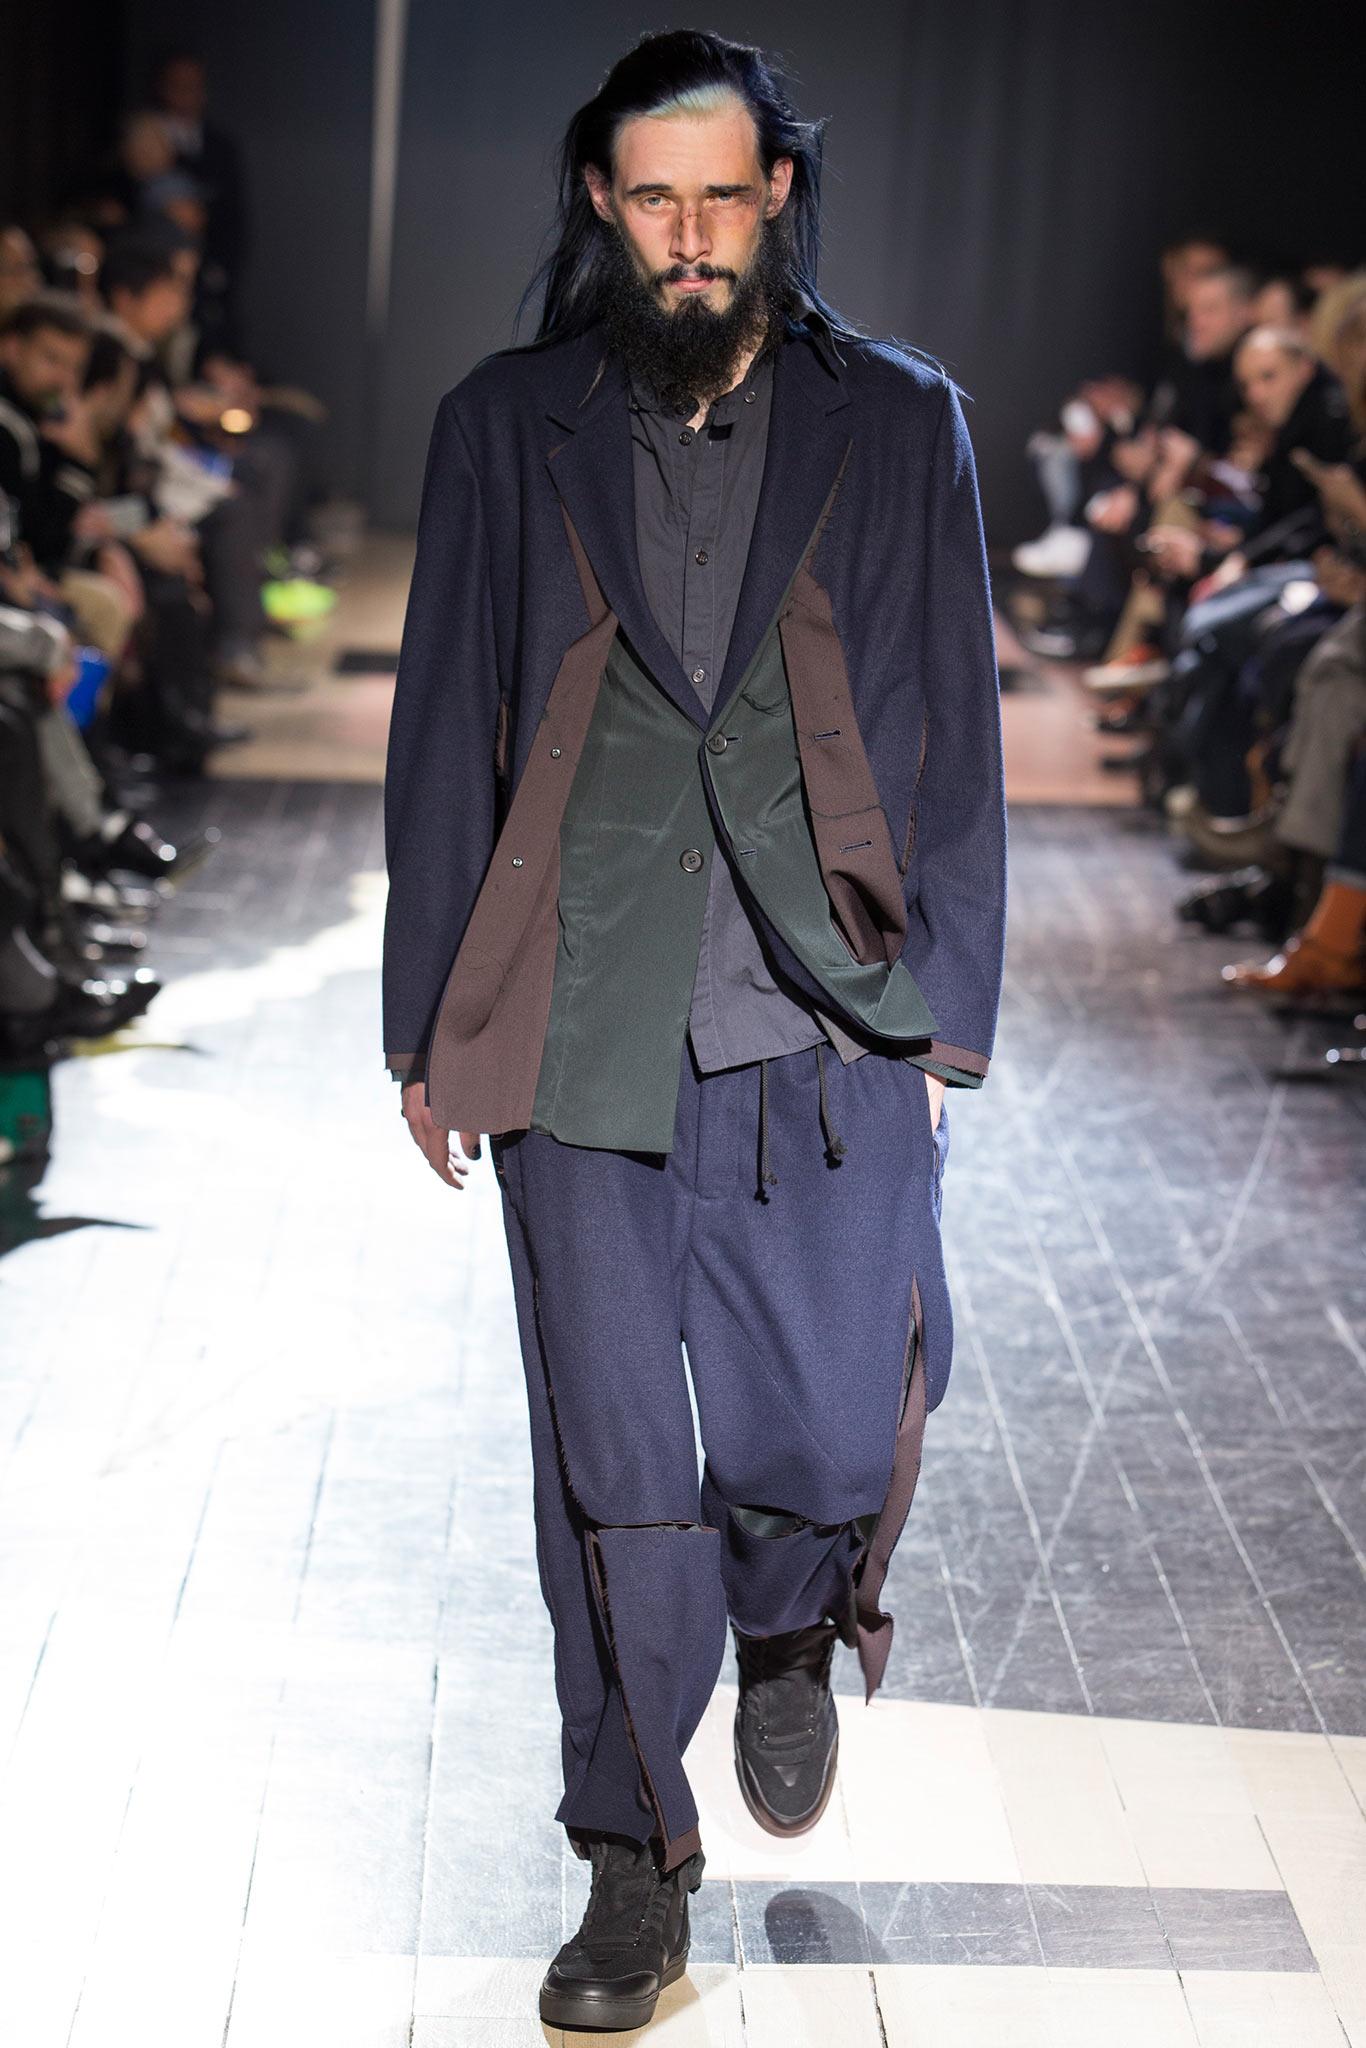 Yohji Yamamoto Menswear FW 2015 Paris